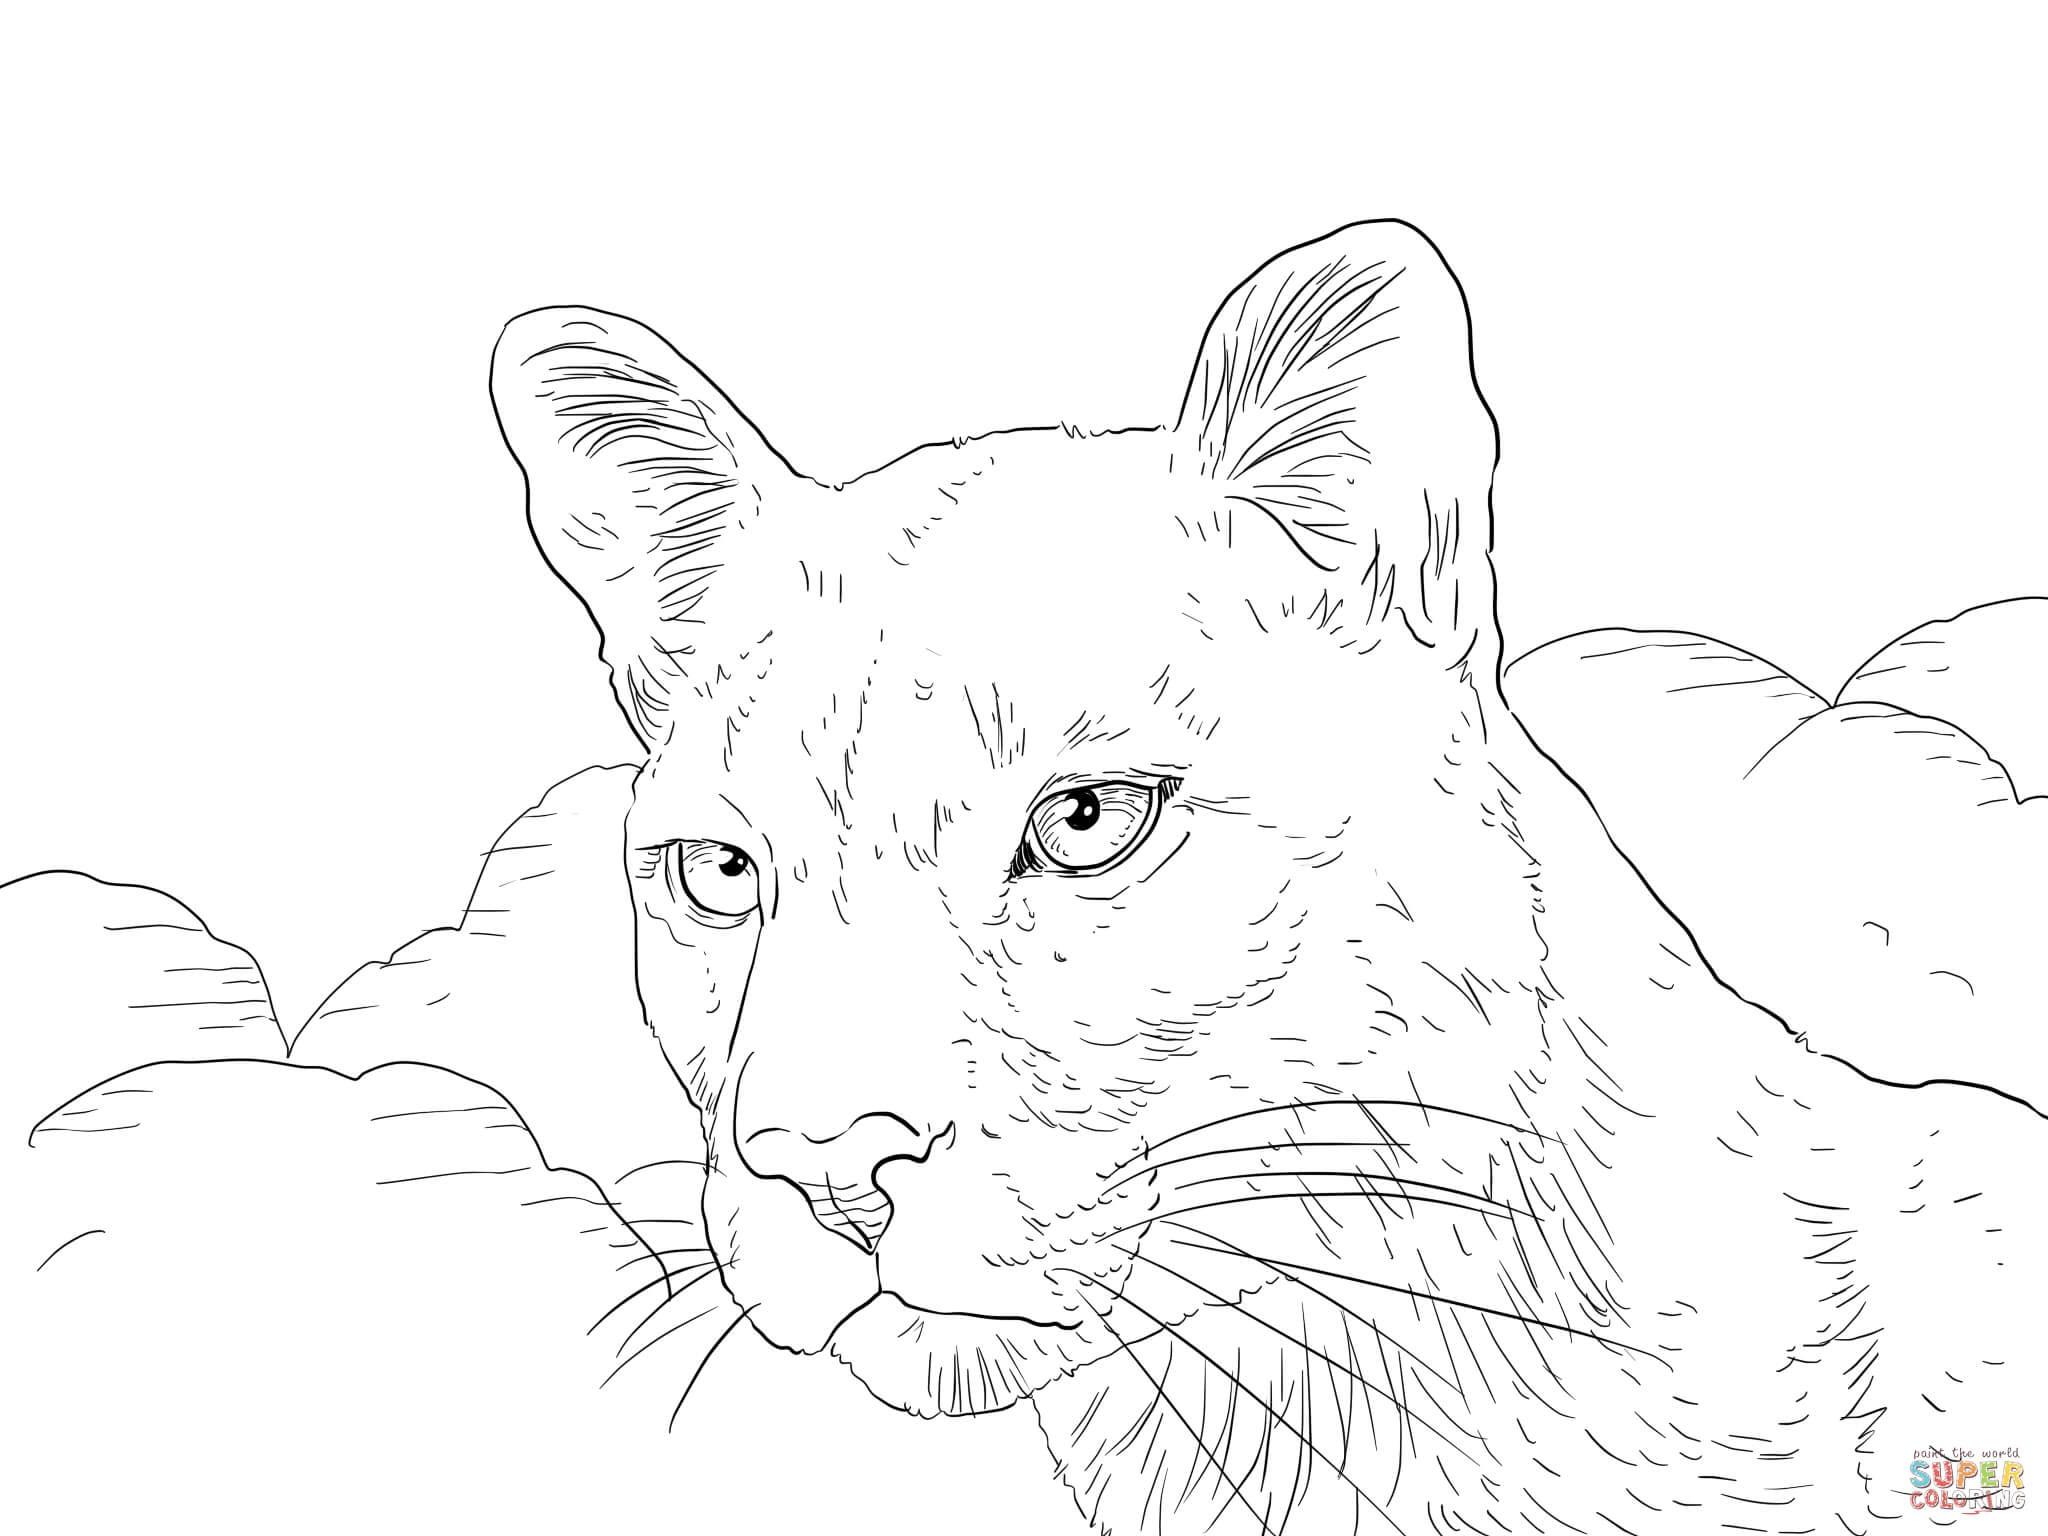 2048x1536 Puma Animal En Venezuela Free Draw To Color